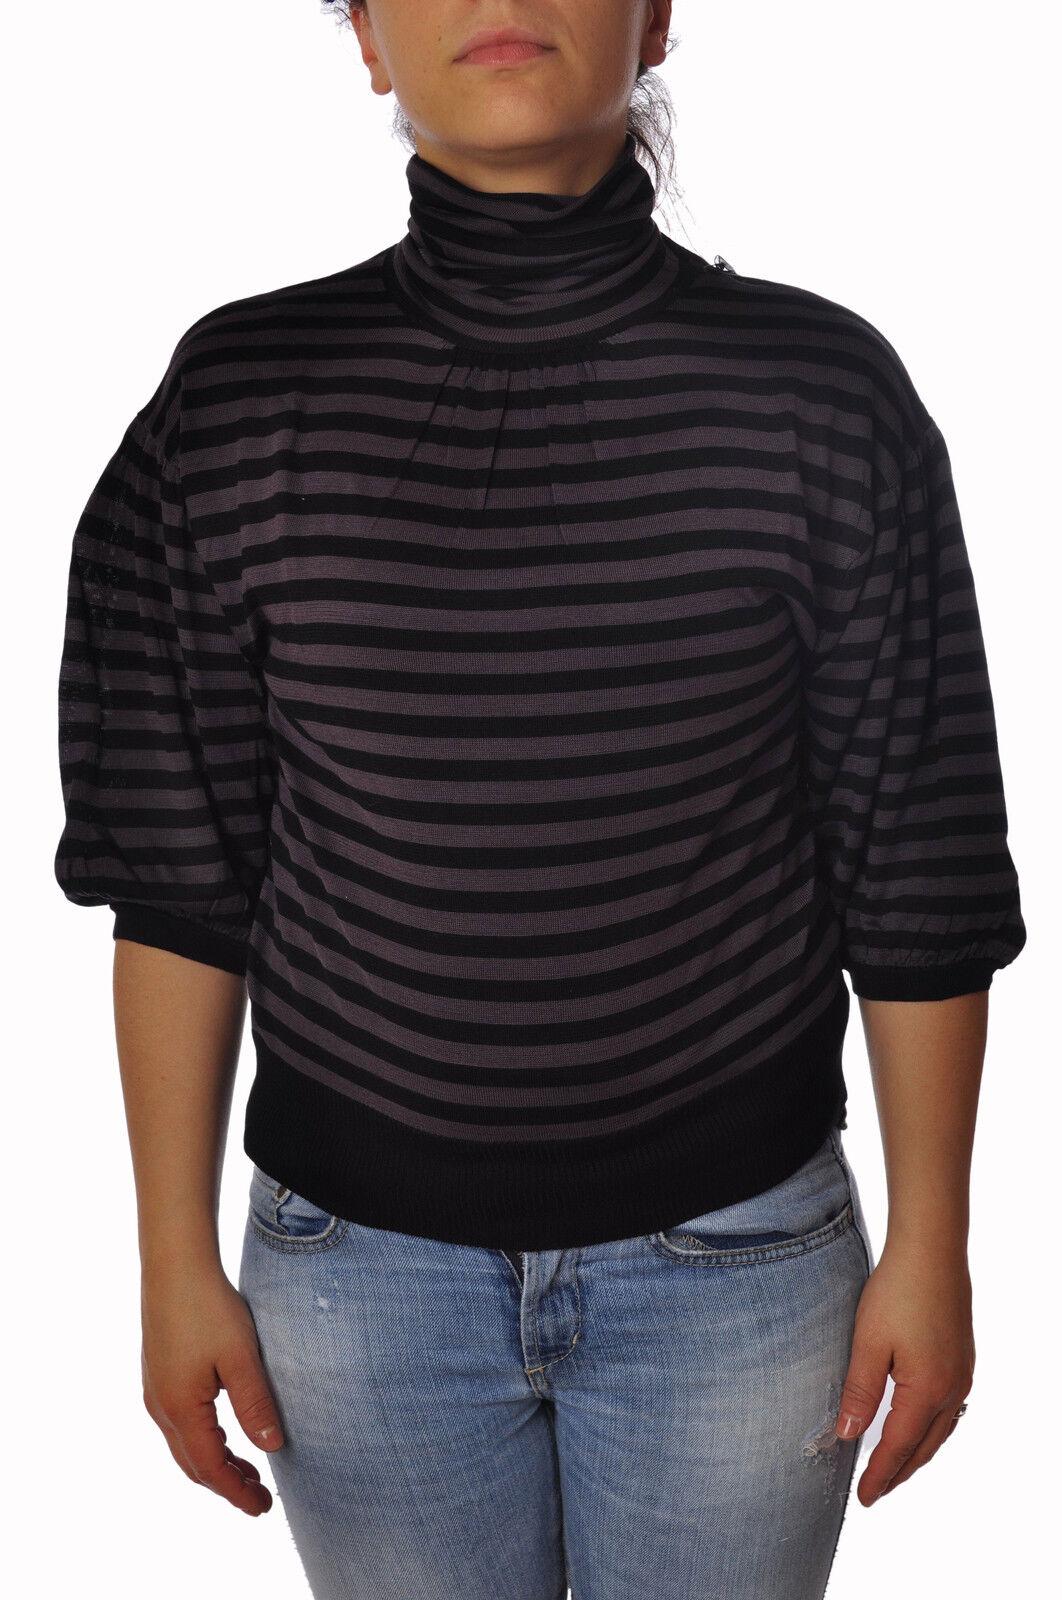 Liu-Jo - Knitwear-Turtleneck - Woman - Fantasy - 3701008E191240